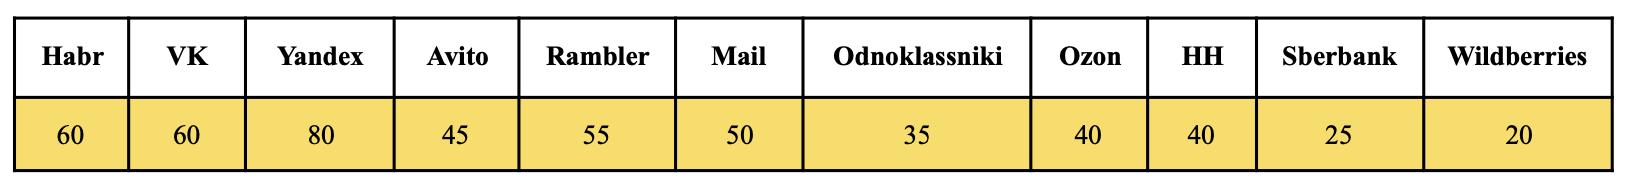 Habr занял первое место в рейтинге соблюдения цифровых прав пользователей - 5